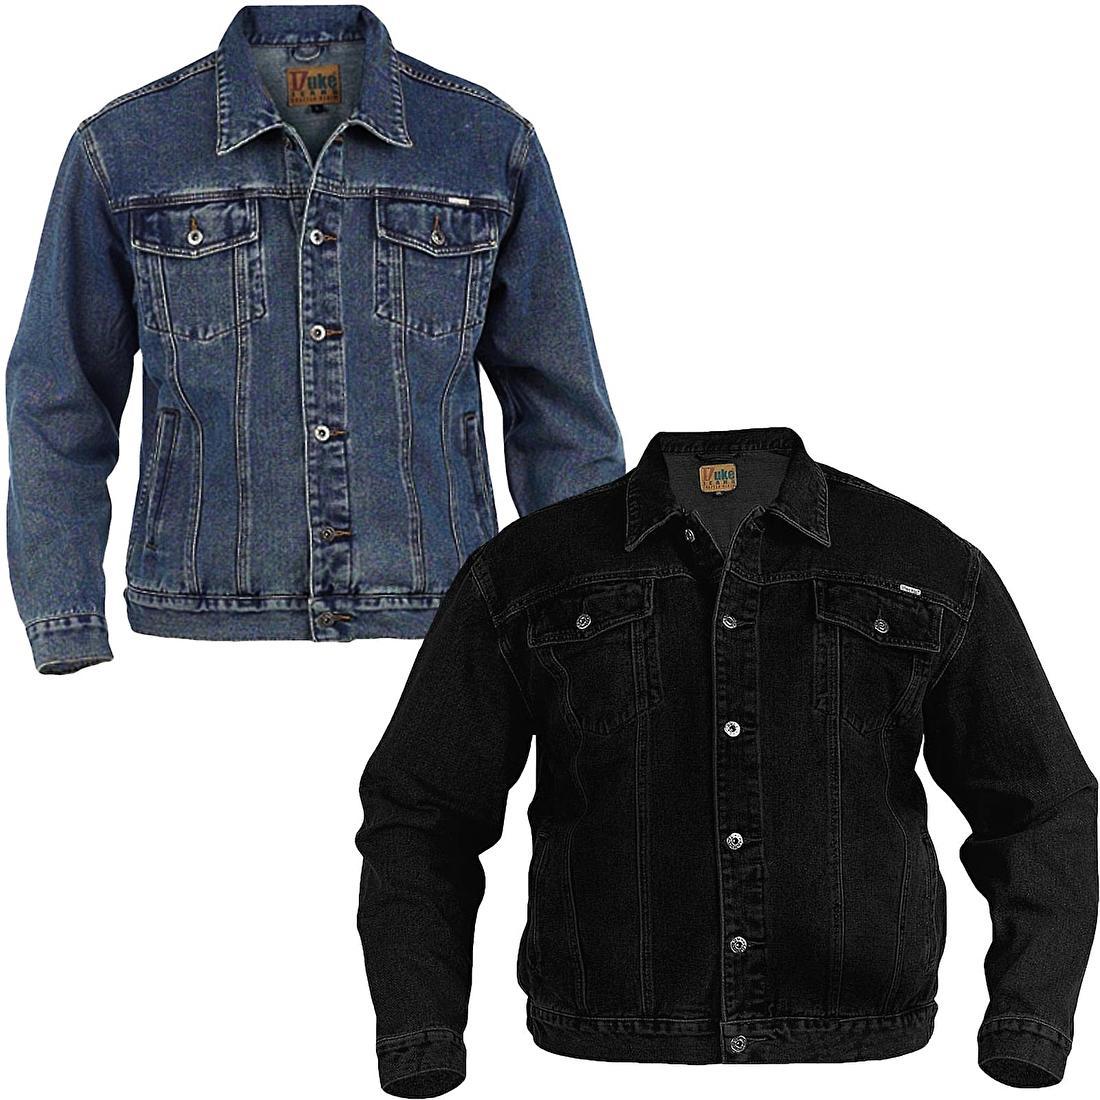 Jeans jacks in grote maat